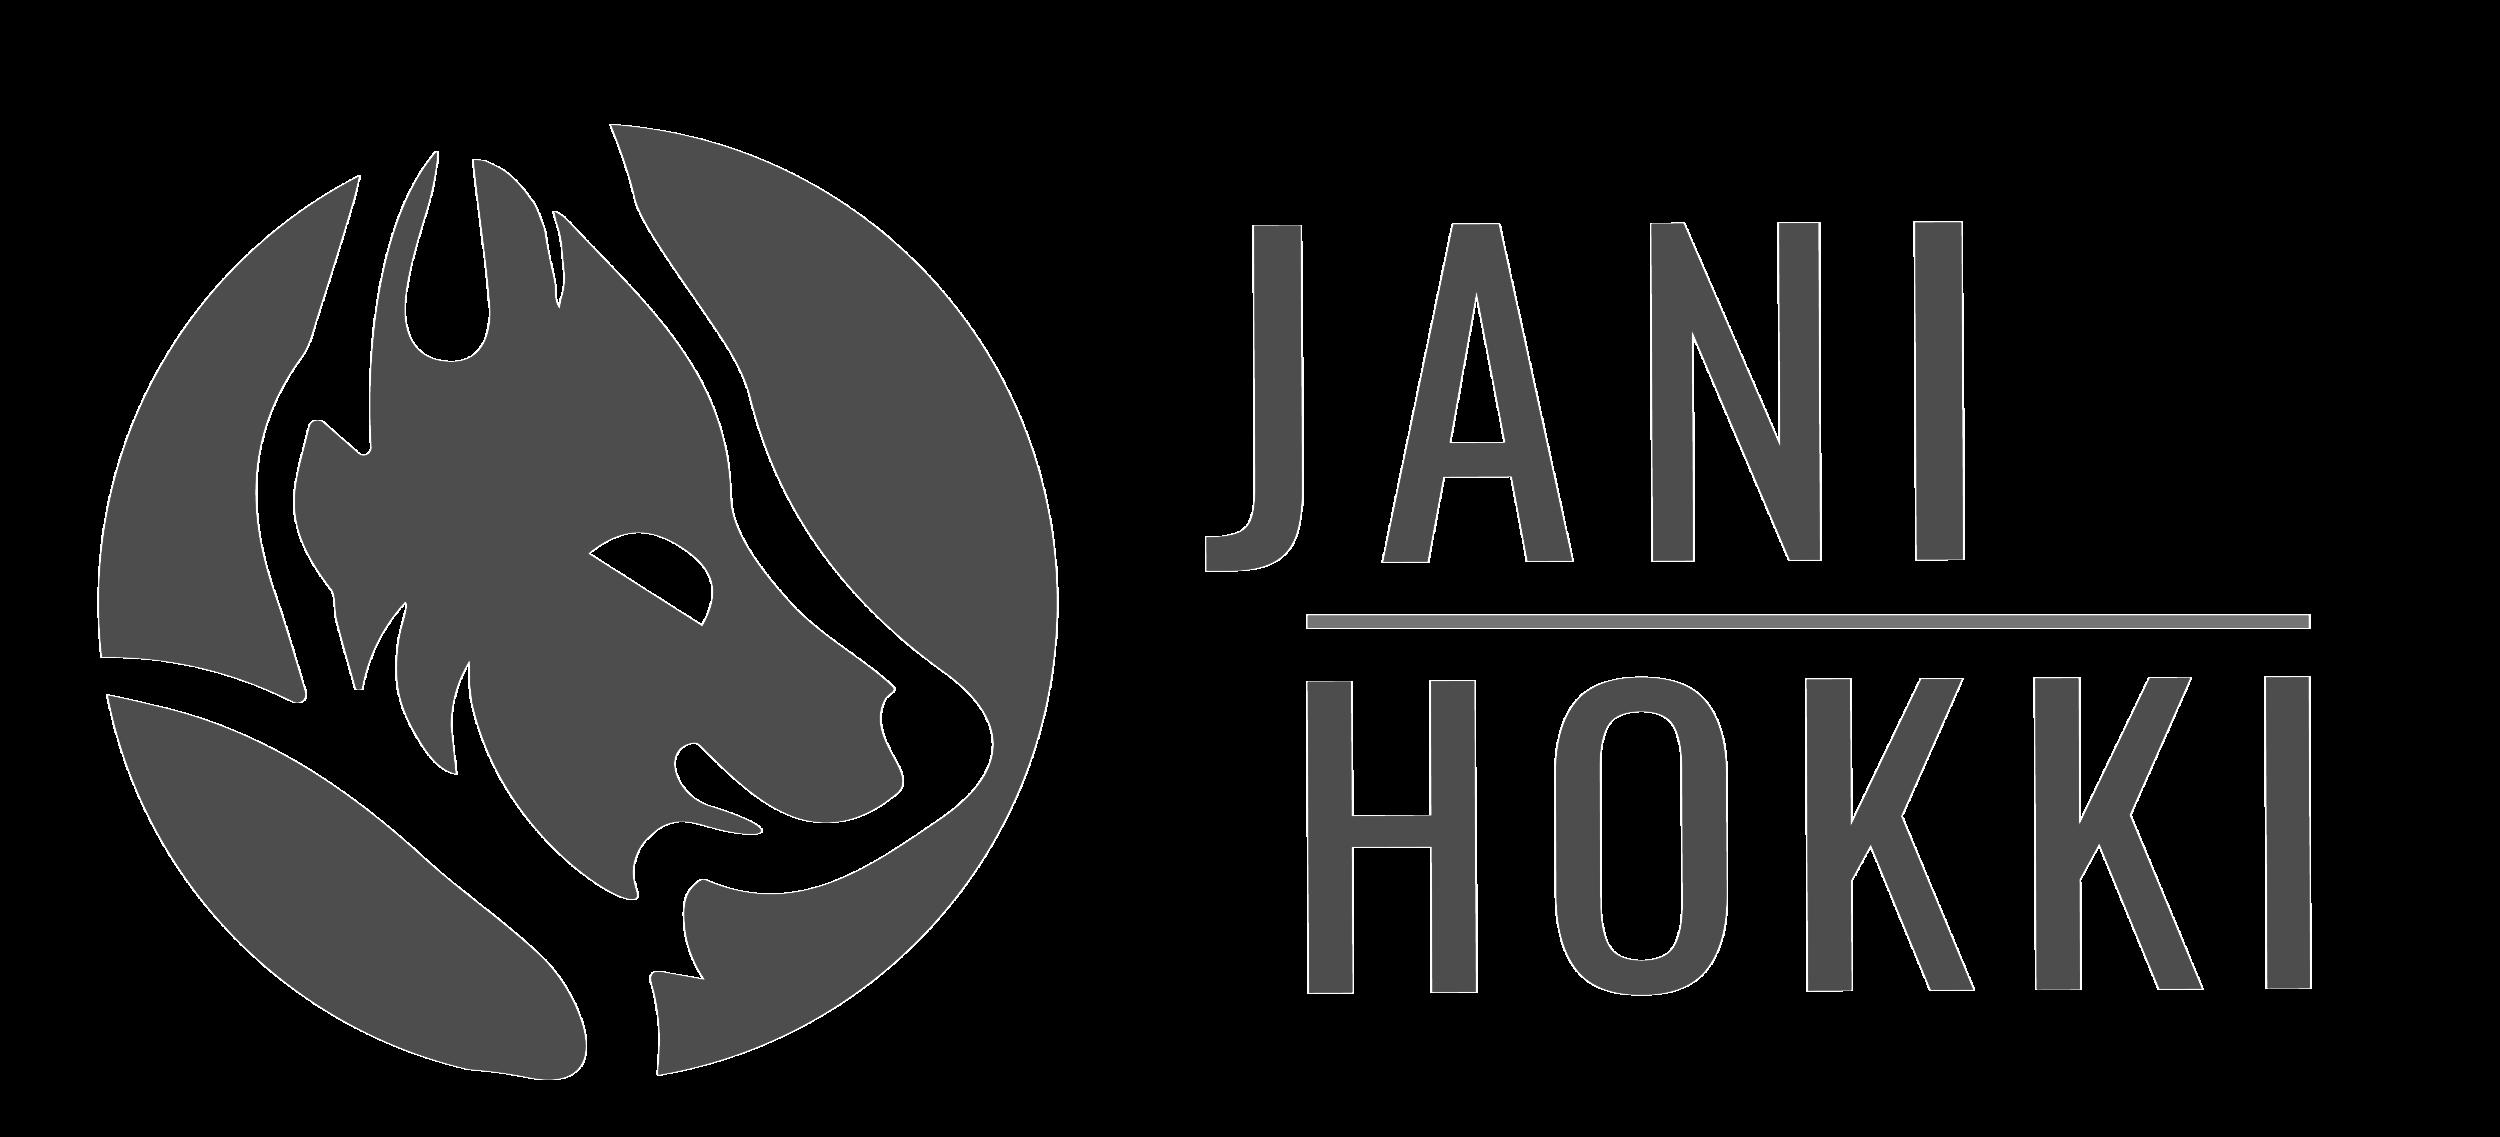 Jani Hokki - Olen Jani Hokki - valokuvausta ja graafista suunnittelua tarjoava nuori yrittäjä. Tarjoan asiakkailleni kohtuuhintaista palvelua aidolla intohimolla työtäni kohtaan. Kerro toiveesi - toteutetaan ne yhdessä!Voit tutustua portfoliooni alla olevasta linkistä. Valokuviani julkaisen myös Facebookissa ja Instagramissa nimimerkillä @jhokkiphotography!